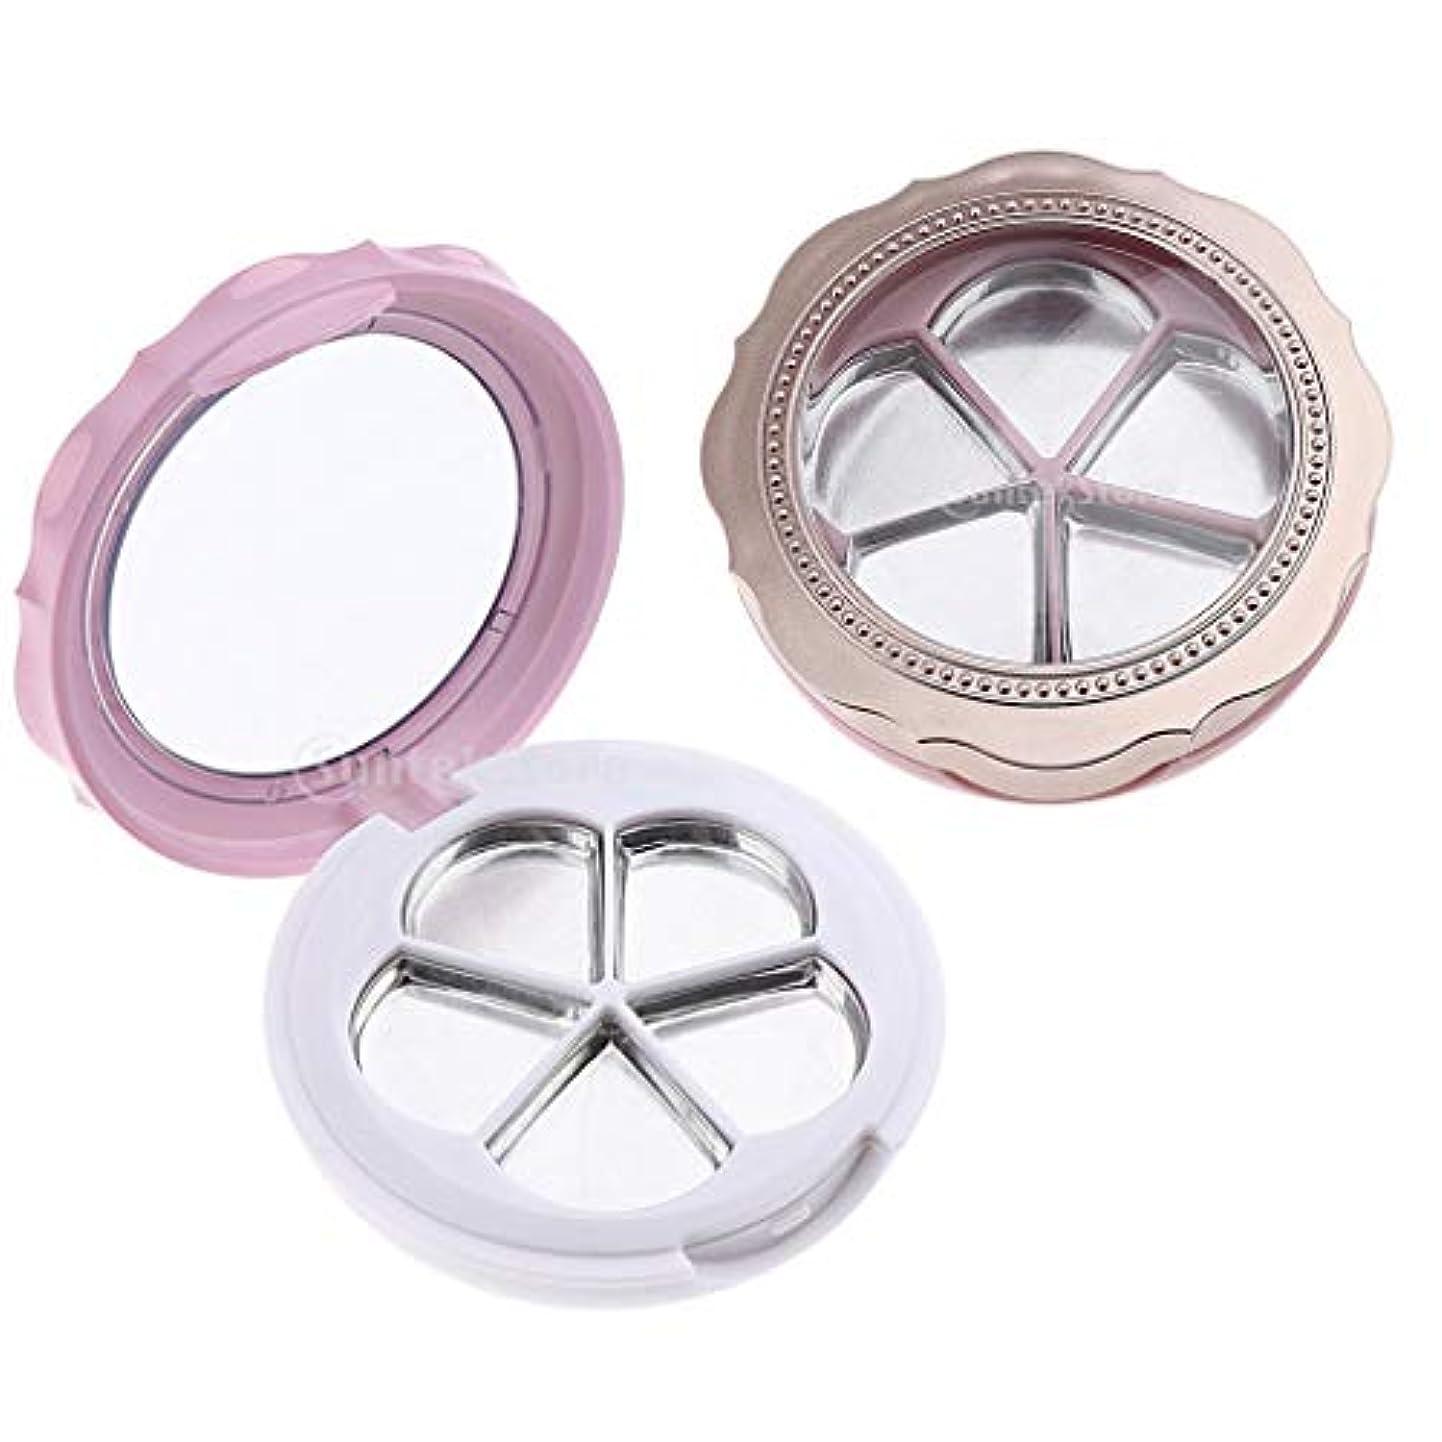 IPOTCH 2個 アイシャドウケース 口紅ケース 5スロット 透明なフタ 鏡 花の形